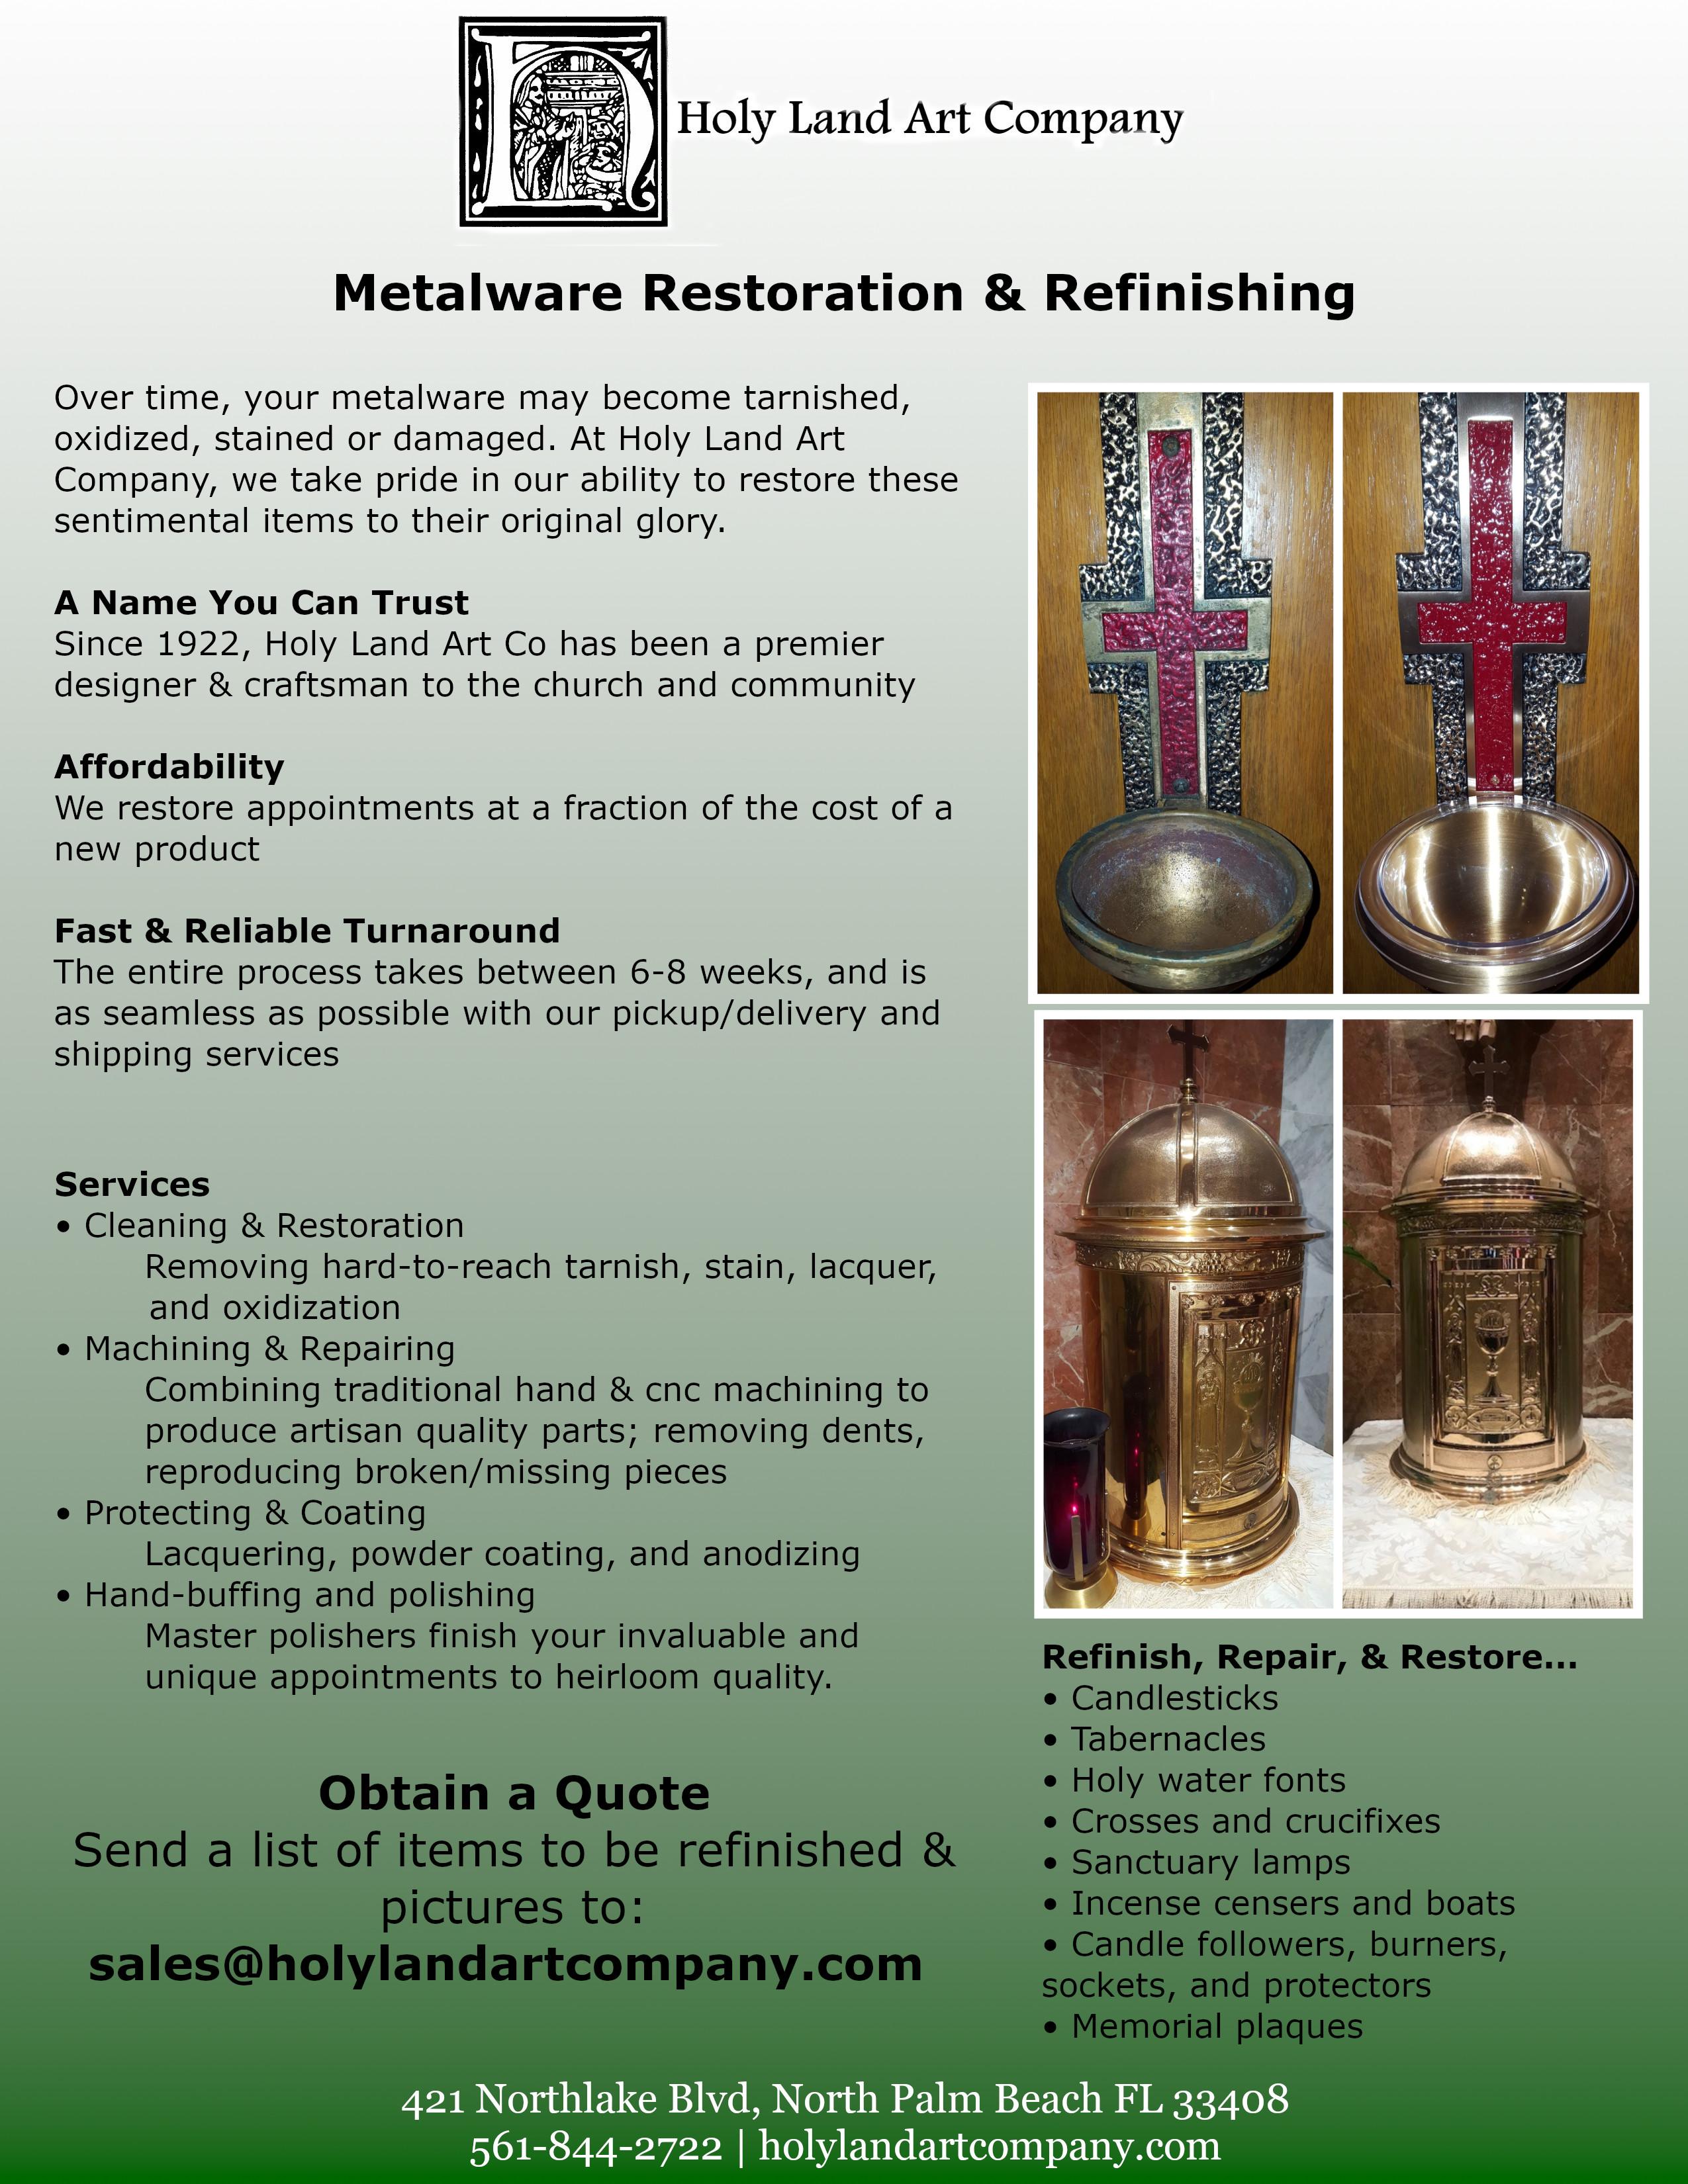 metalware-refinishing.jpg